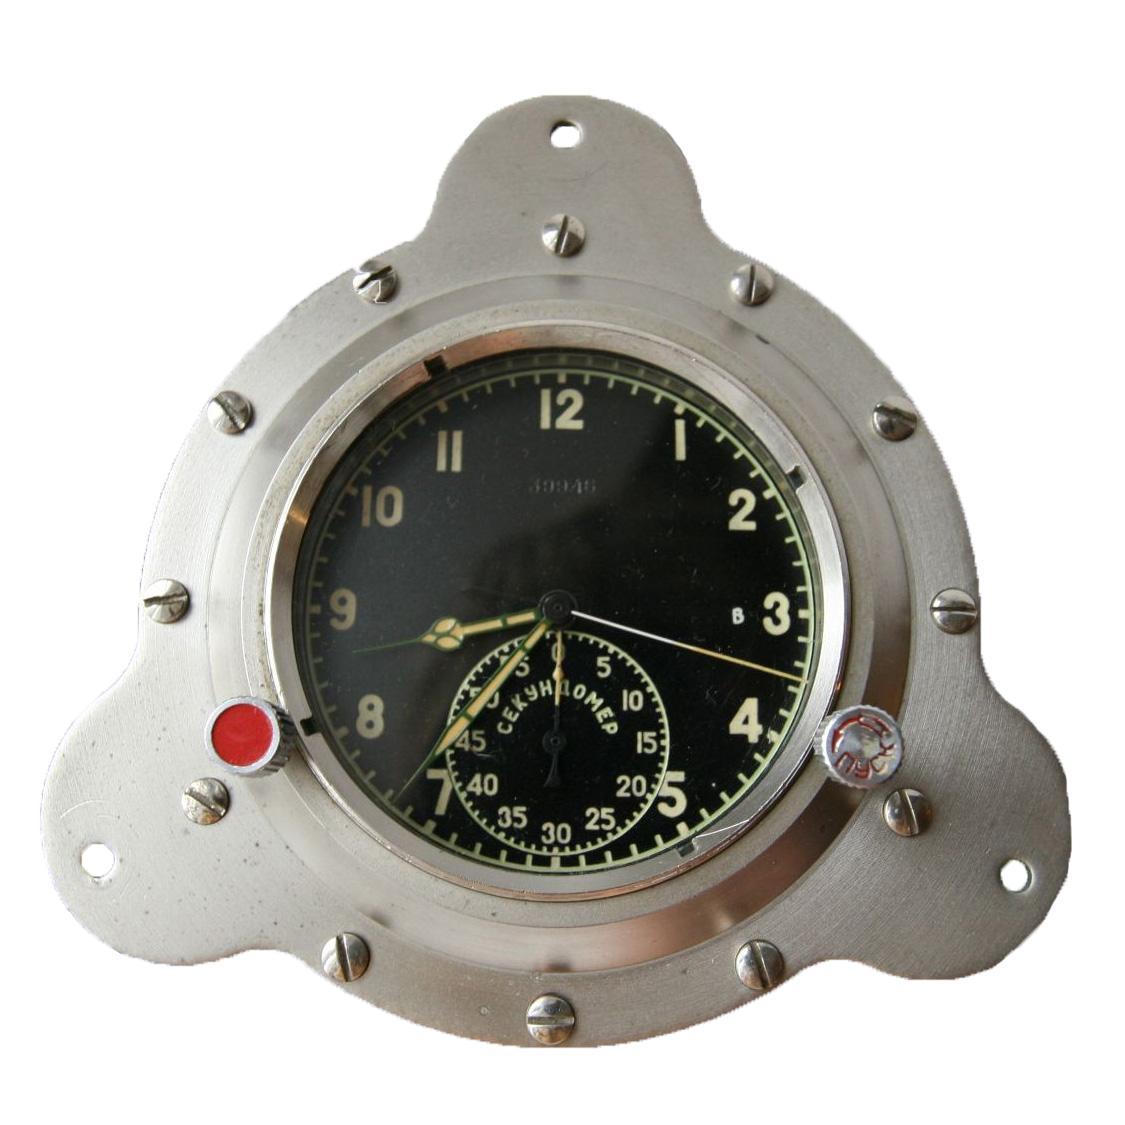 b0b1674ef9da Часы авиационные  низкие цены, в наличии на складе, бесплатная ...